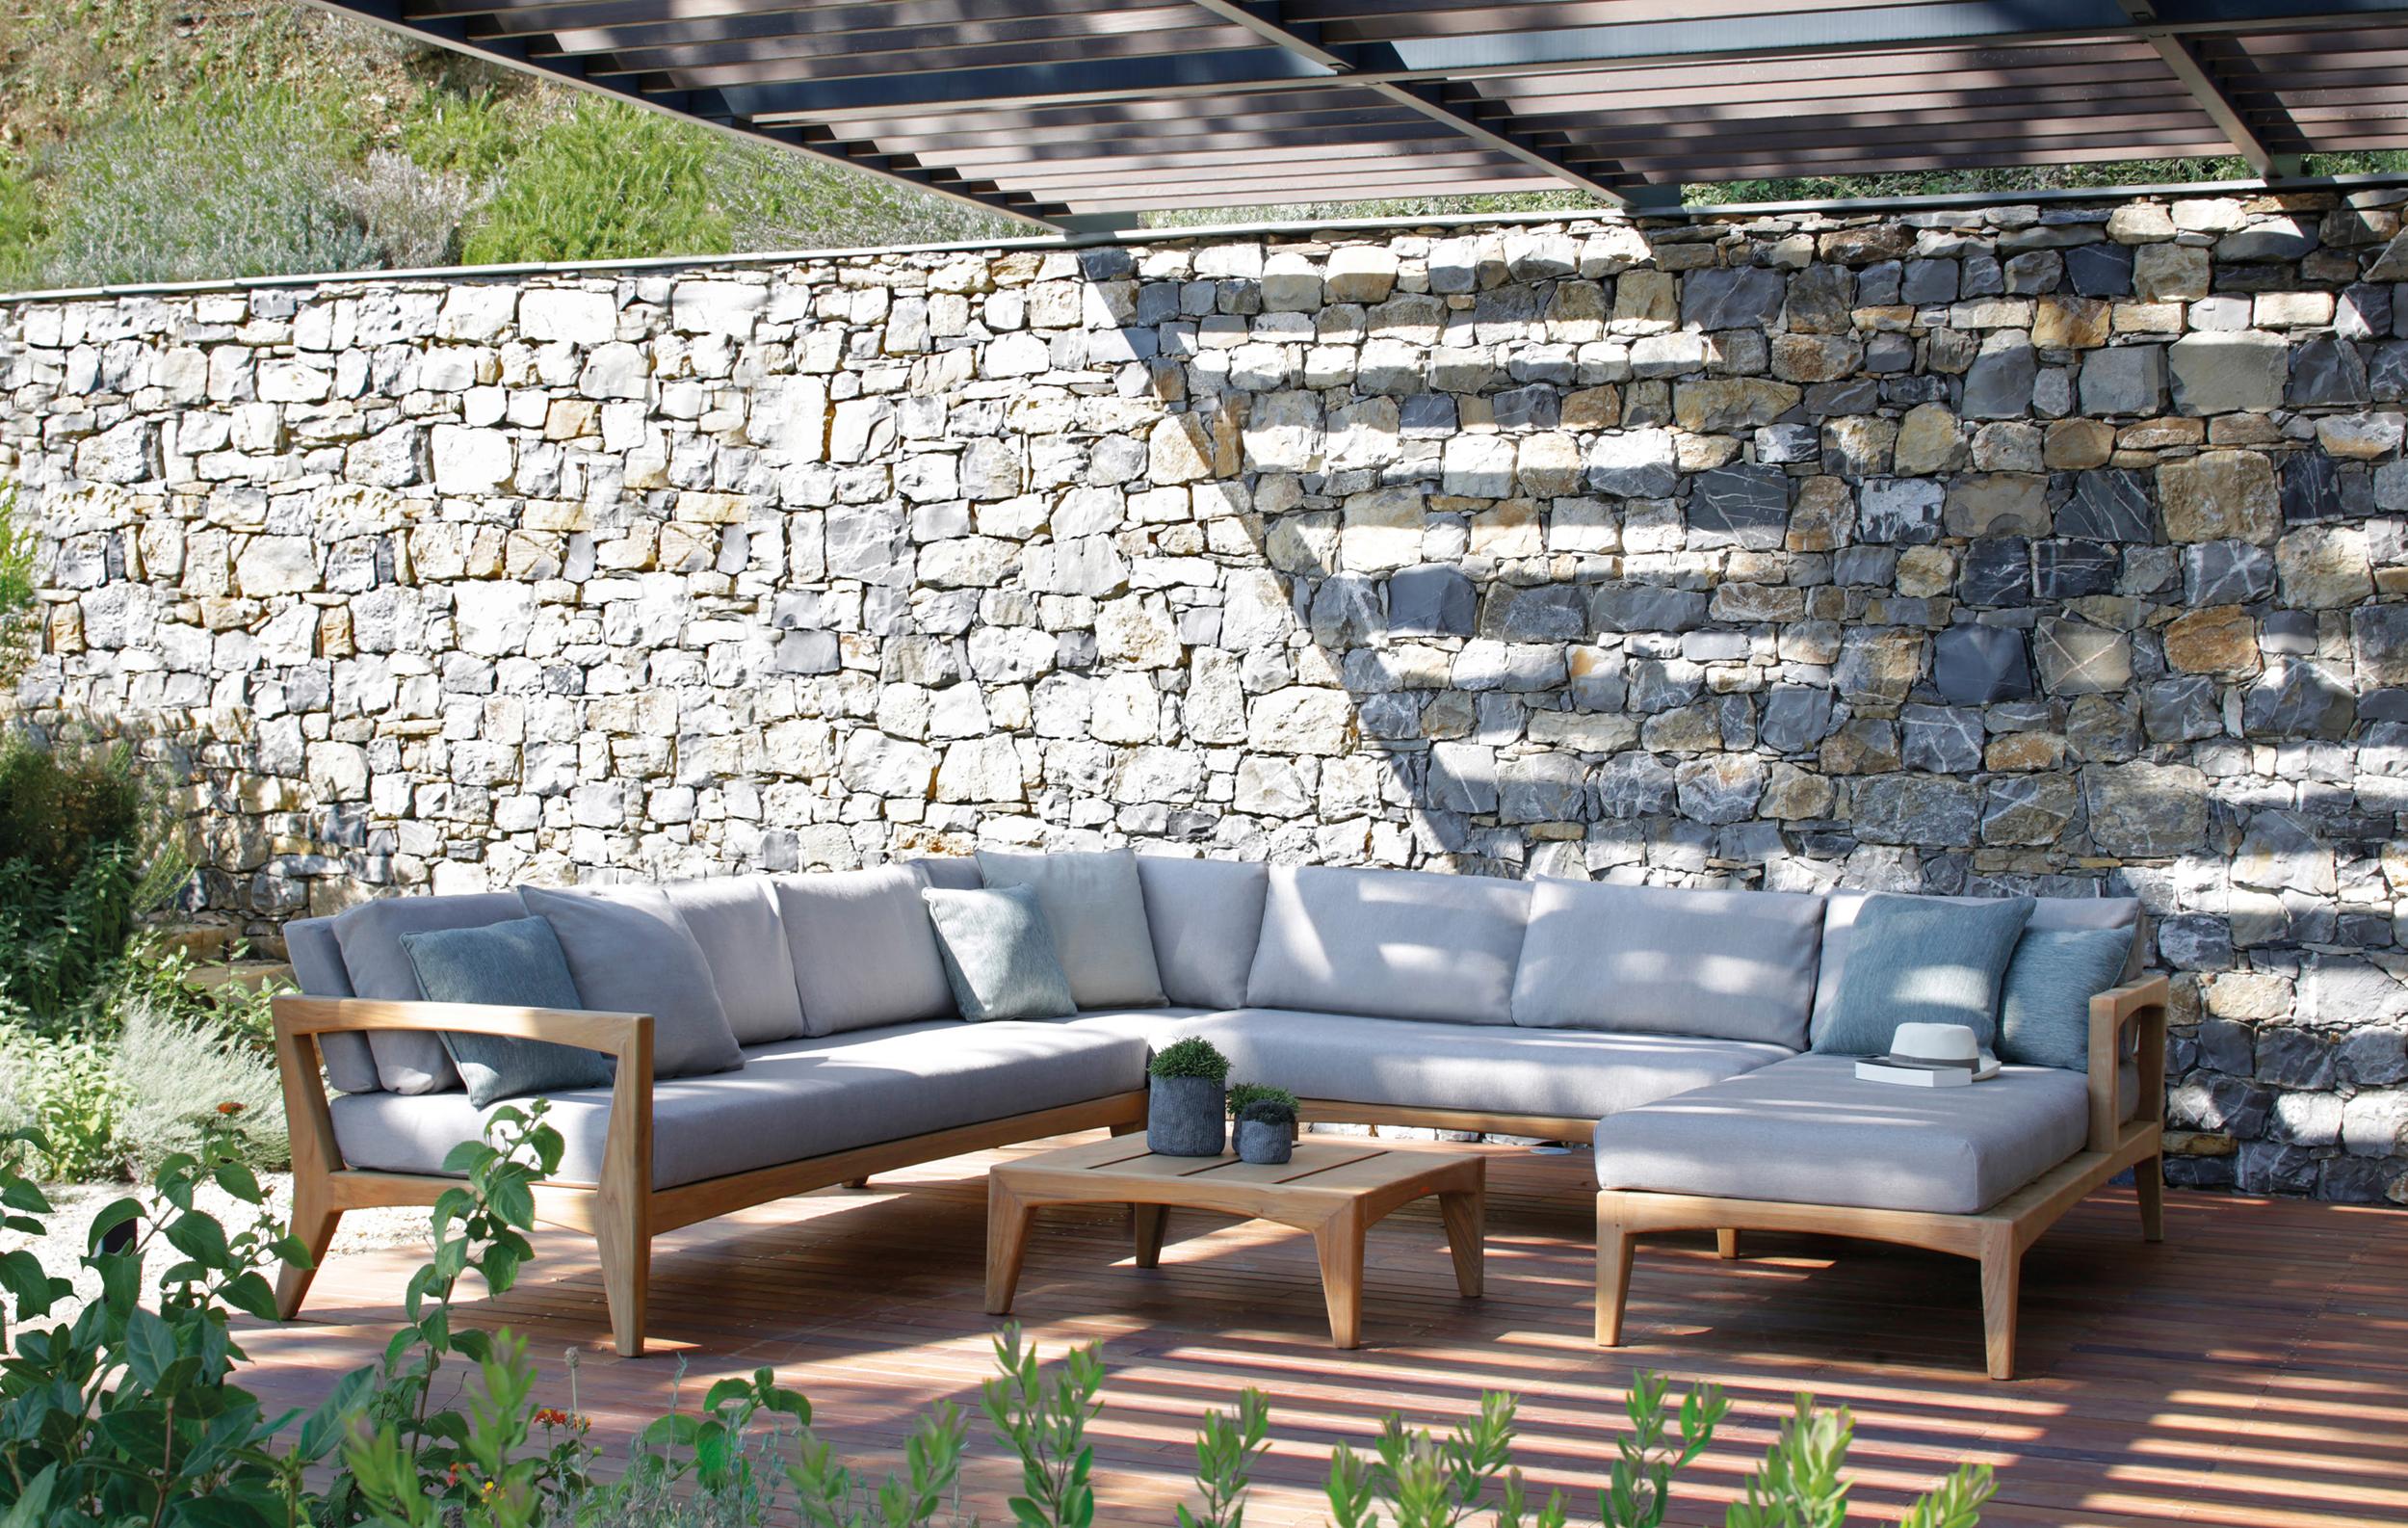 enea gmbh royal botania enea gmbh. Black Bedroom Furniture Sets. Home Design Ideas